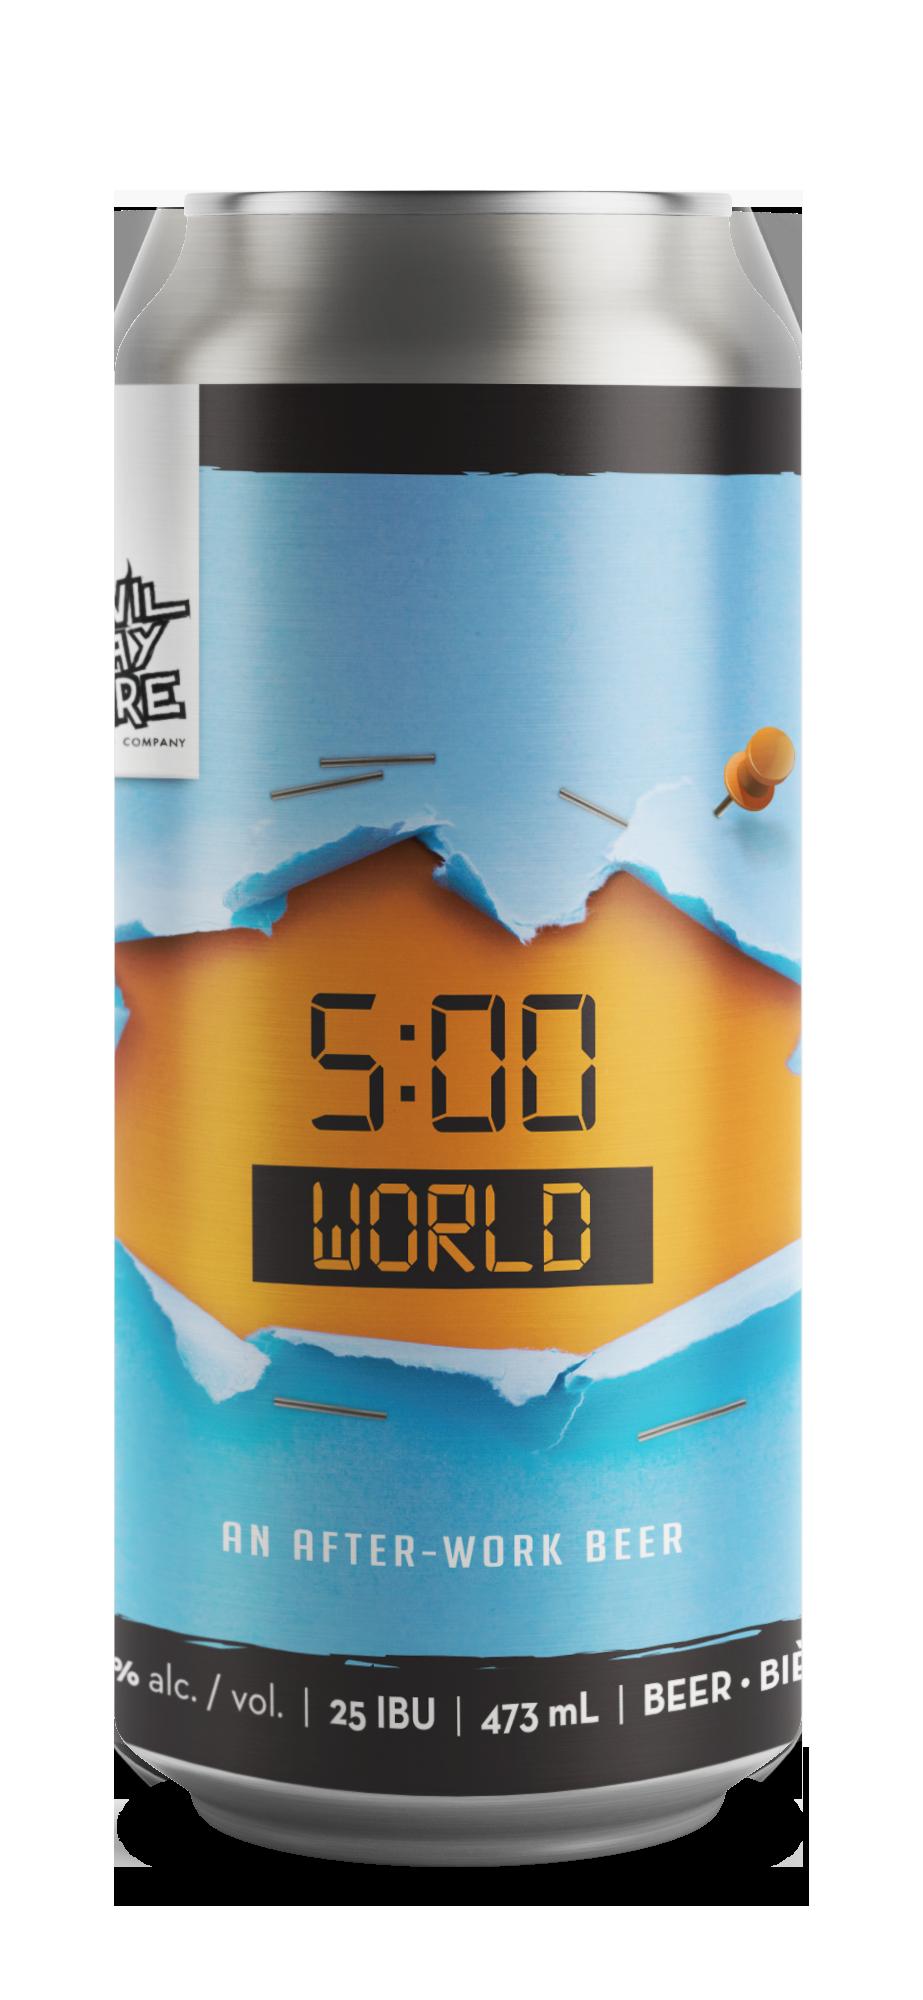 5 O'Clock World can